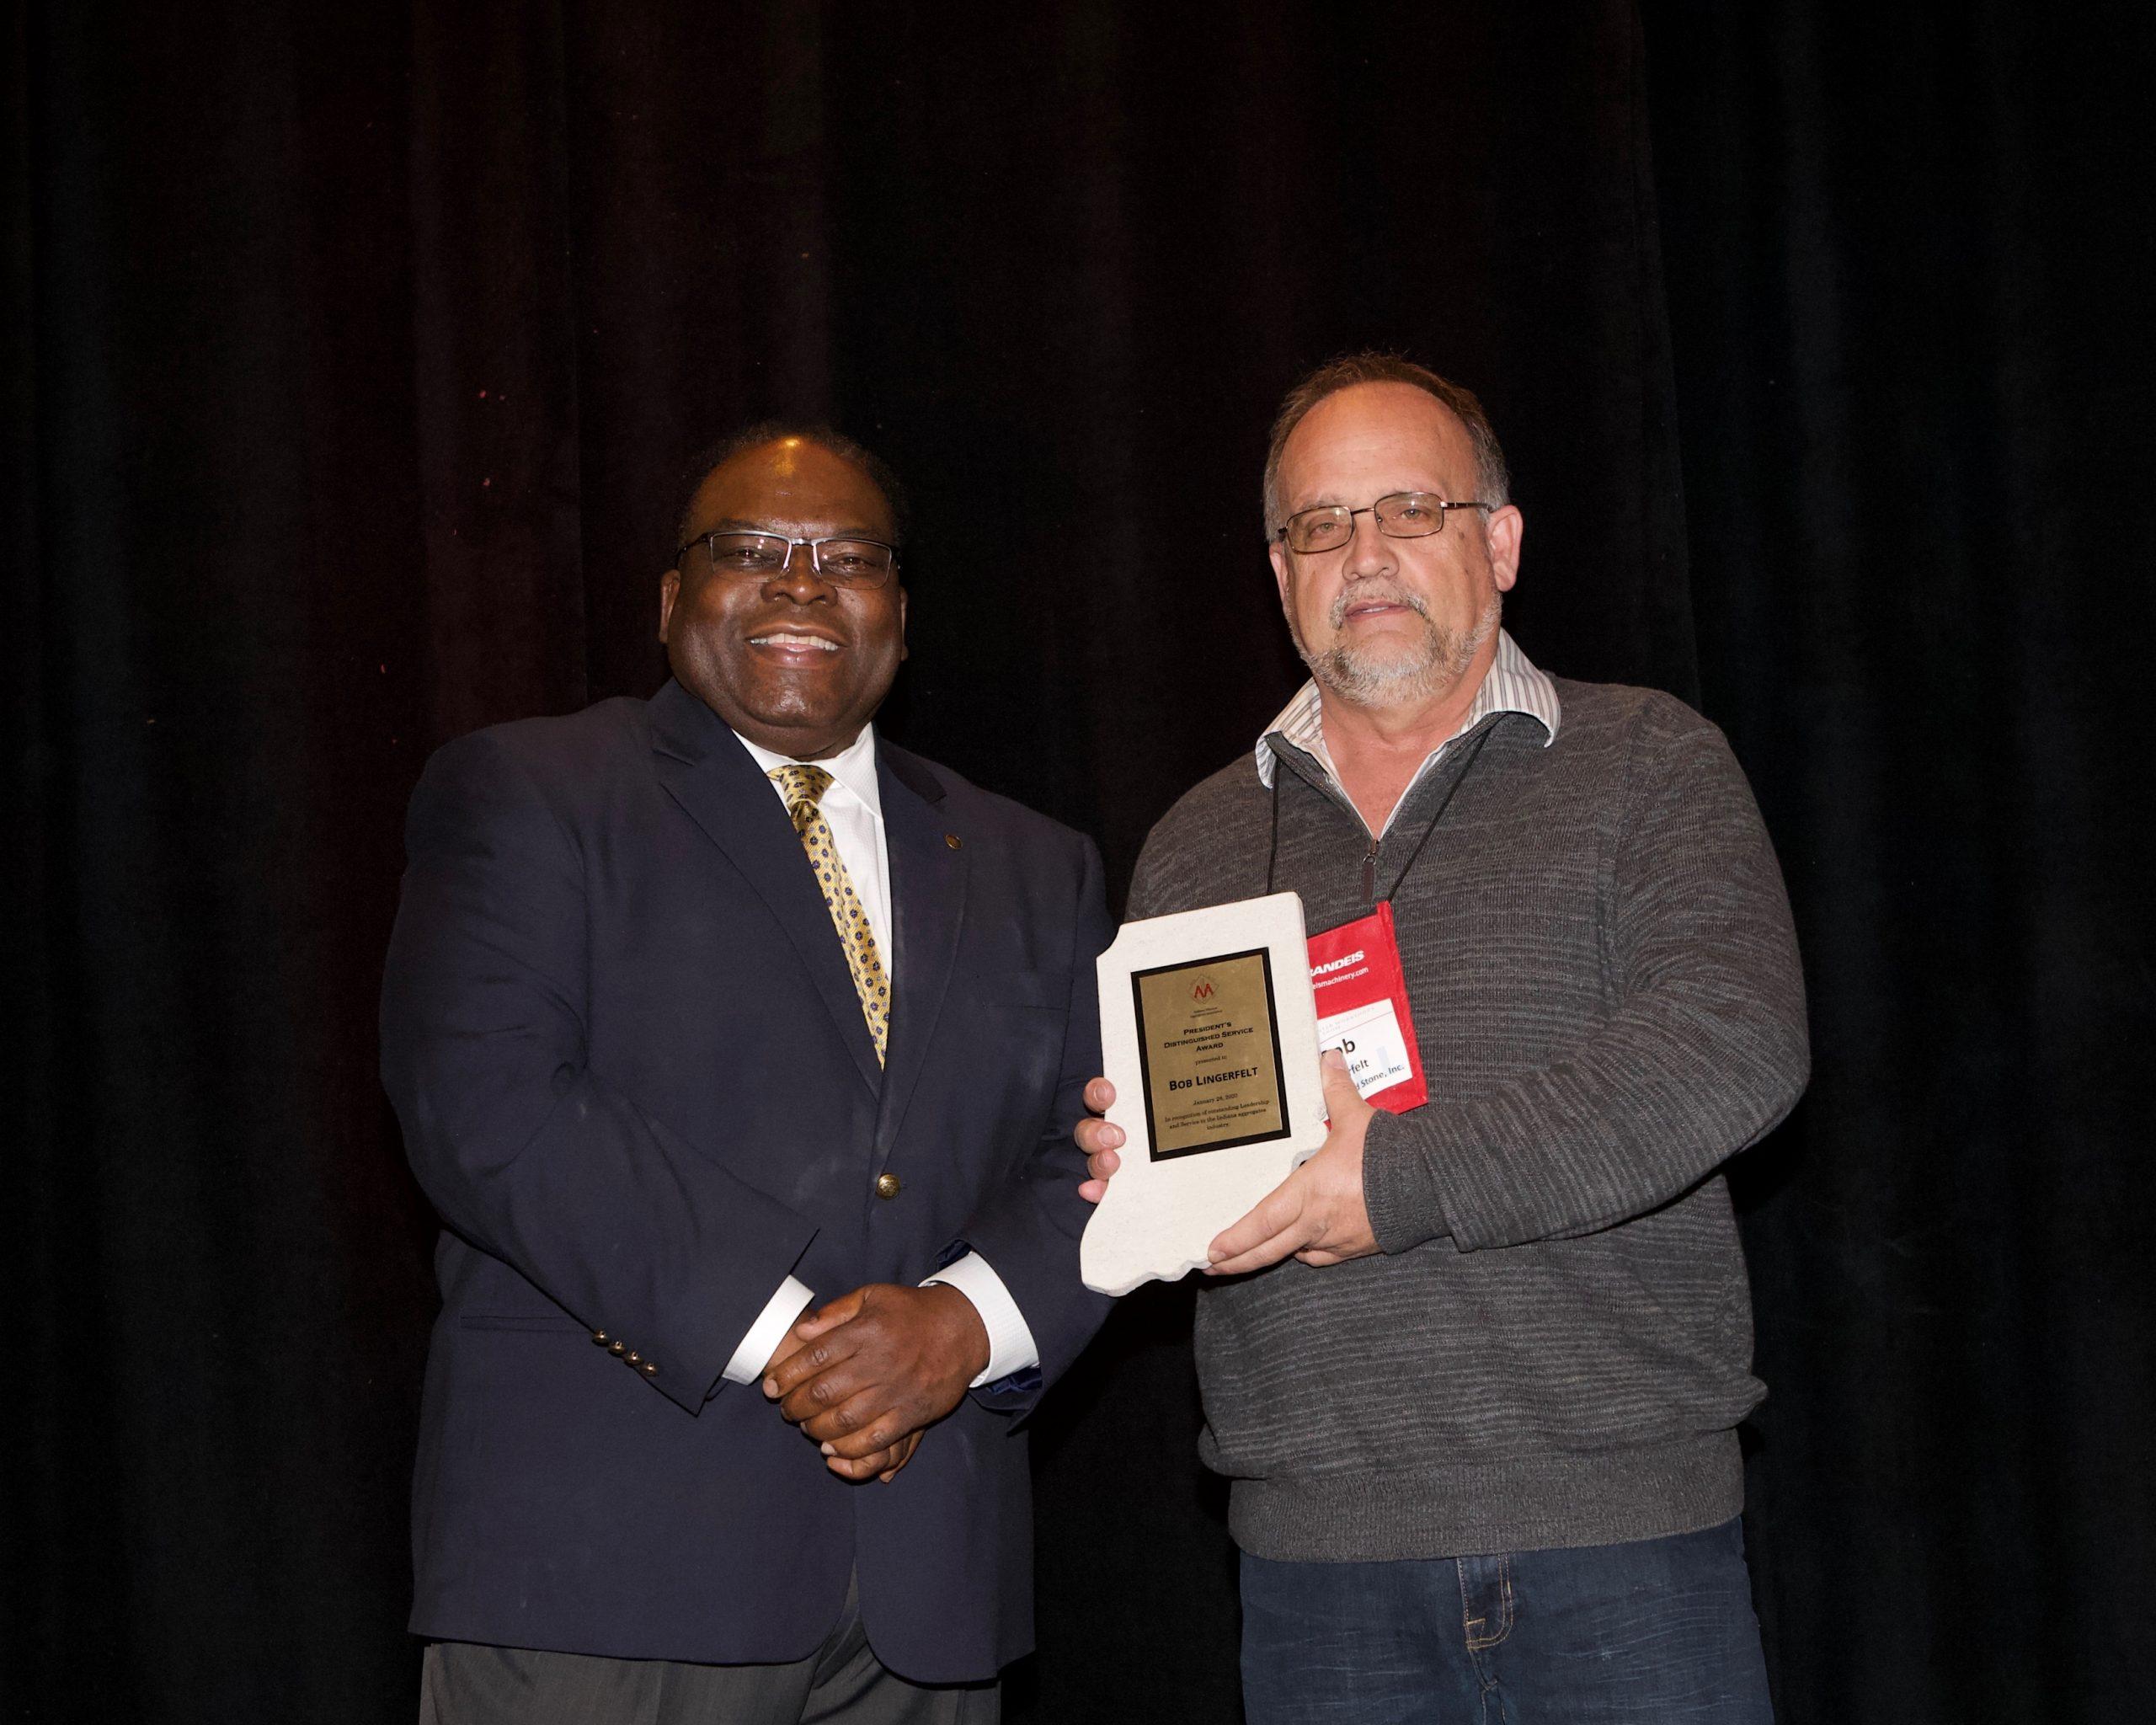 2020 IMAA Awards - President's Award